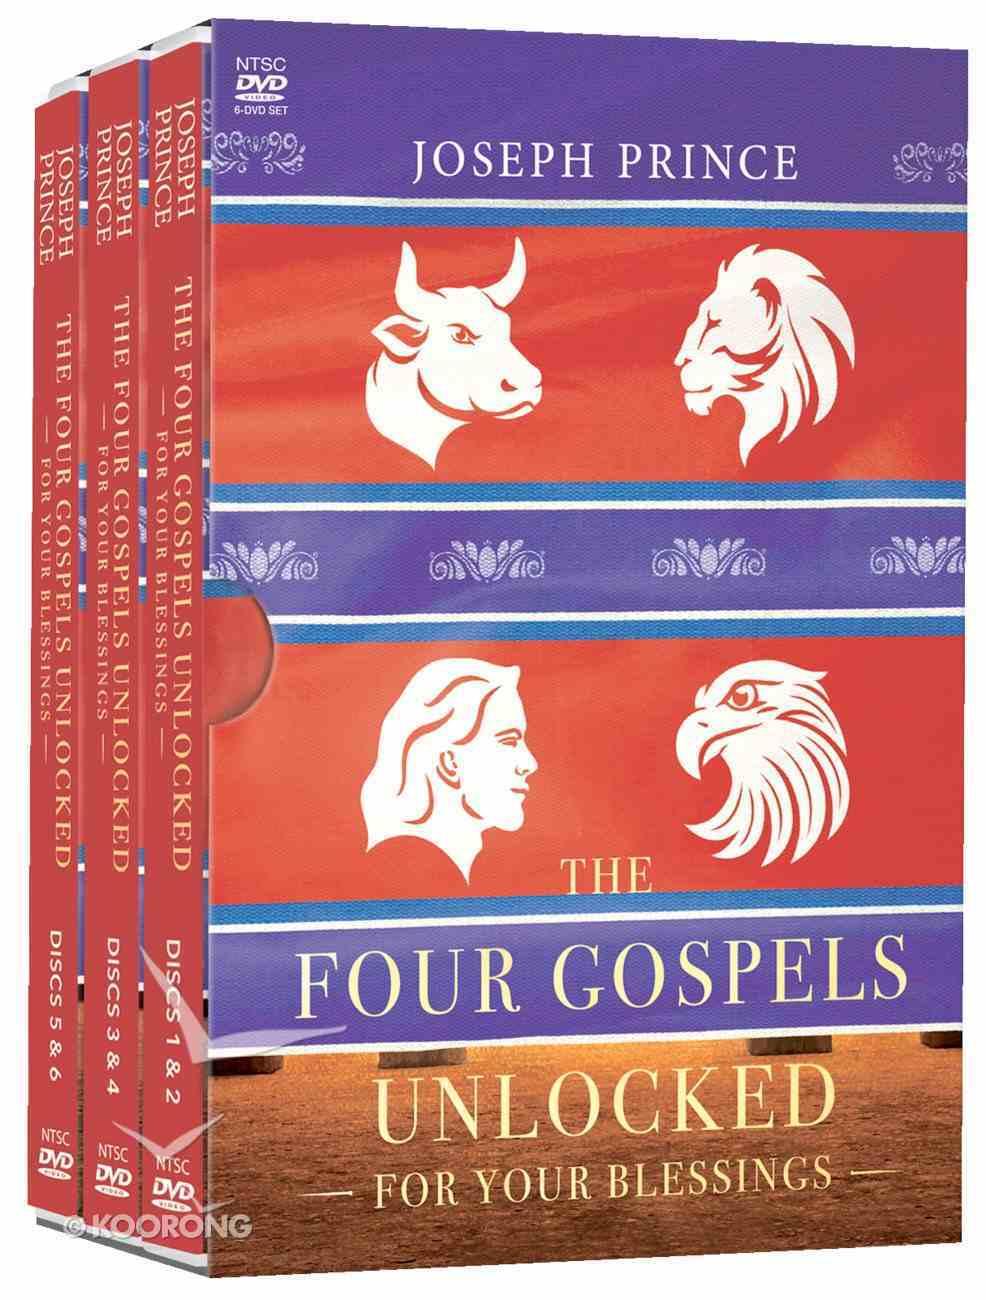 The Four Gospels Unlocked For Your Blessings (4 Dvd Set) DVD